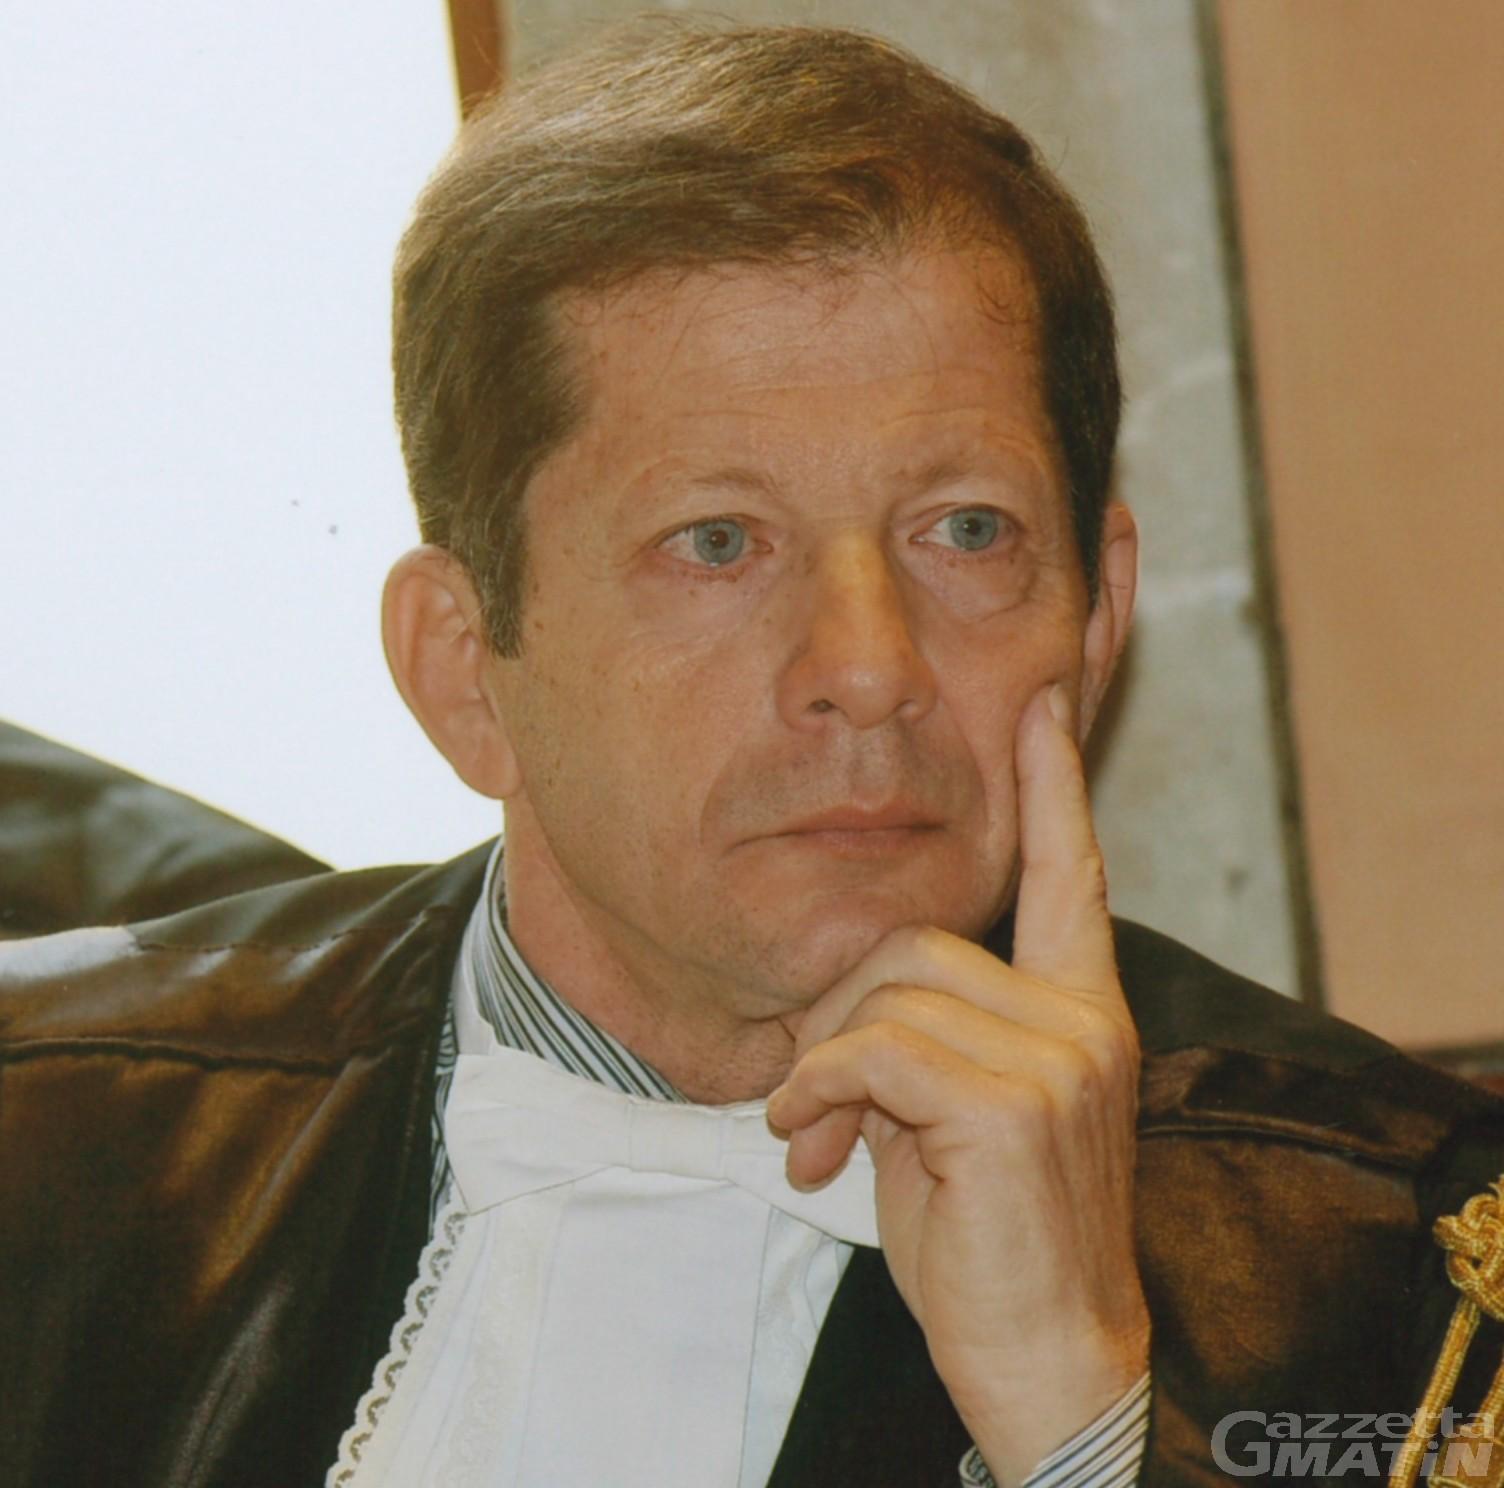 Corte dei conti Valle d'Aosta: Aloisio nominato presidente sezione d'appello in Sicilia